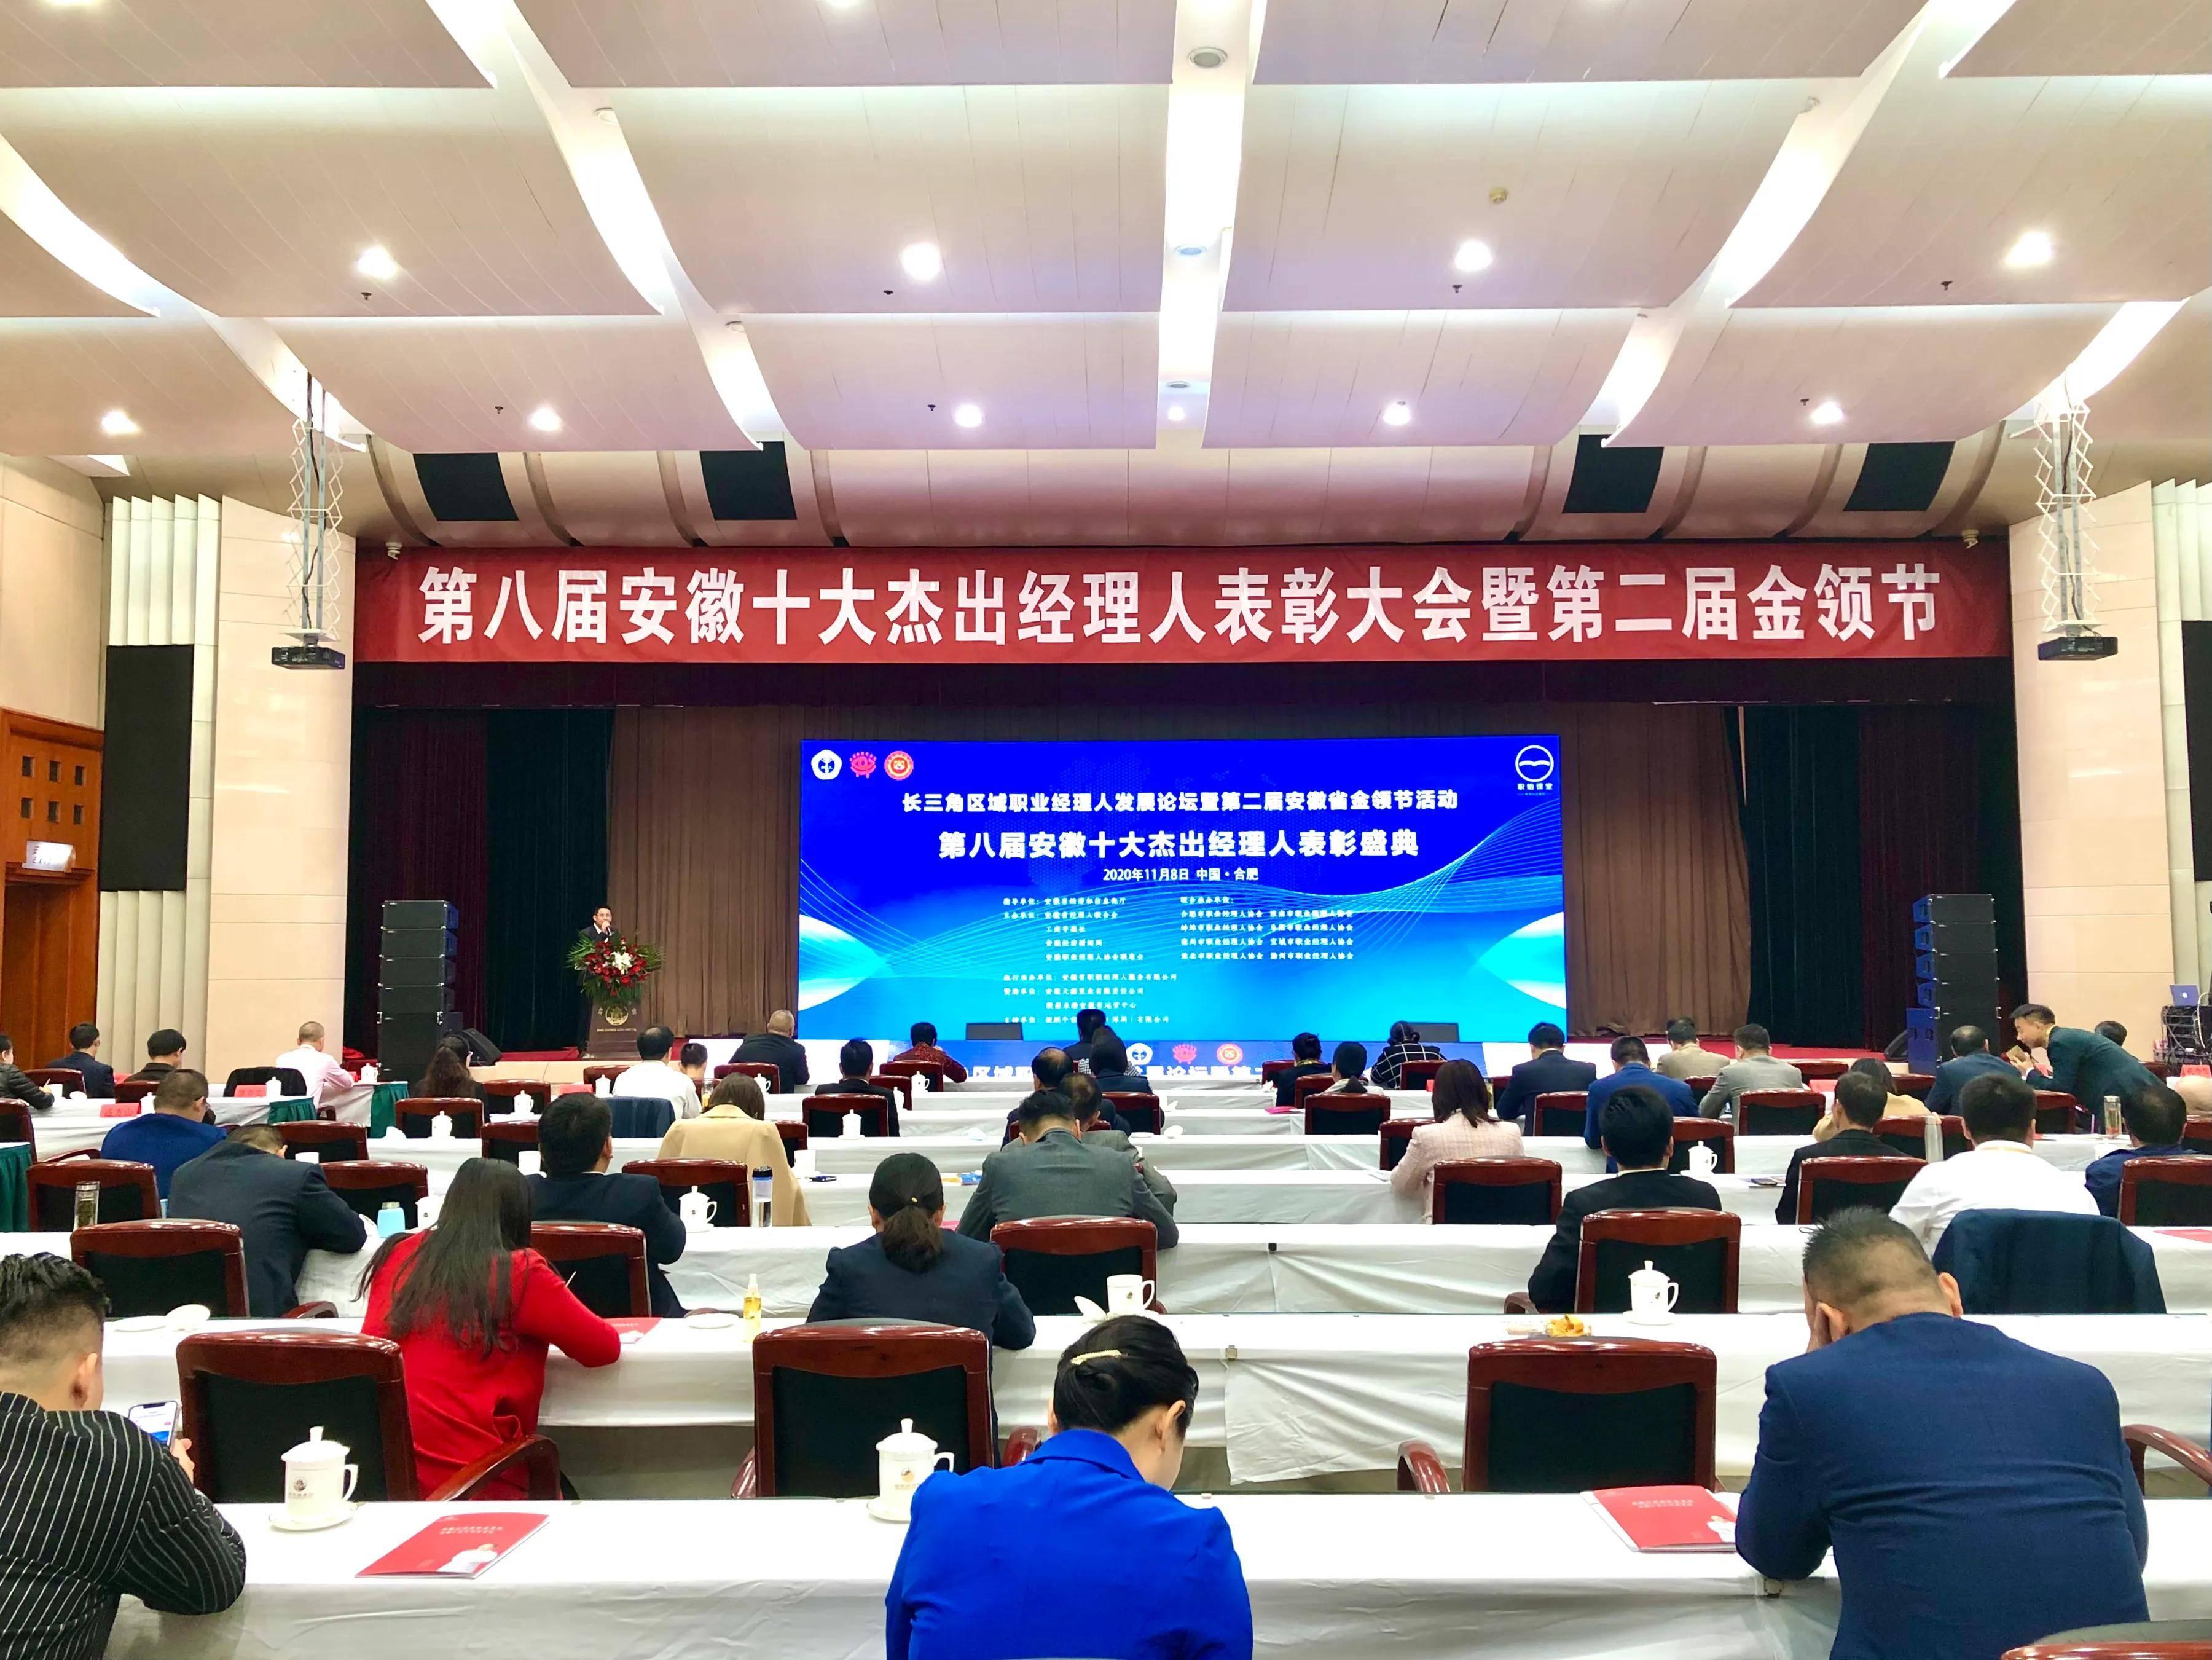 右脑时光荣获全省最具成长性企业奖、吴青平荣获十大职业女性奖